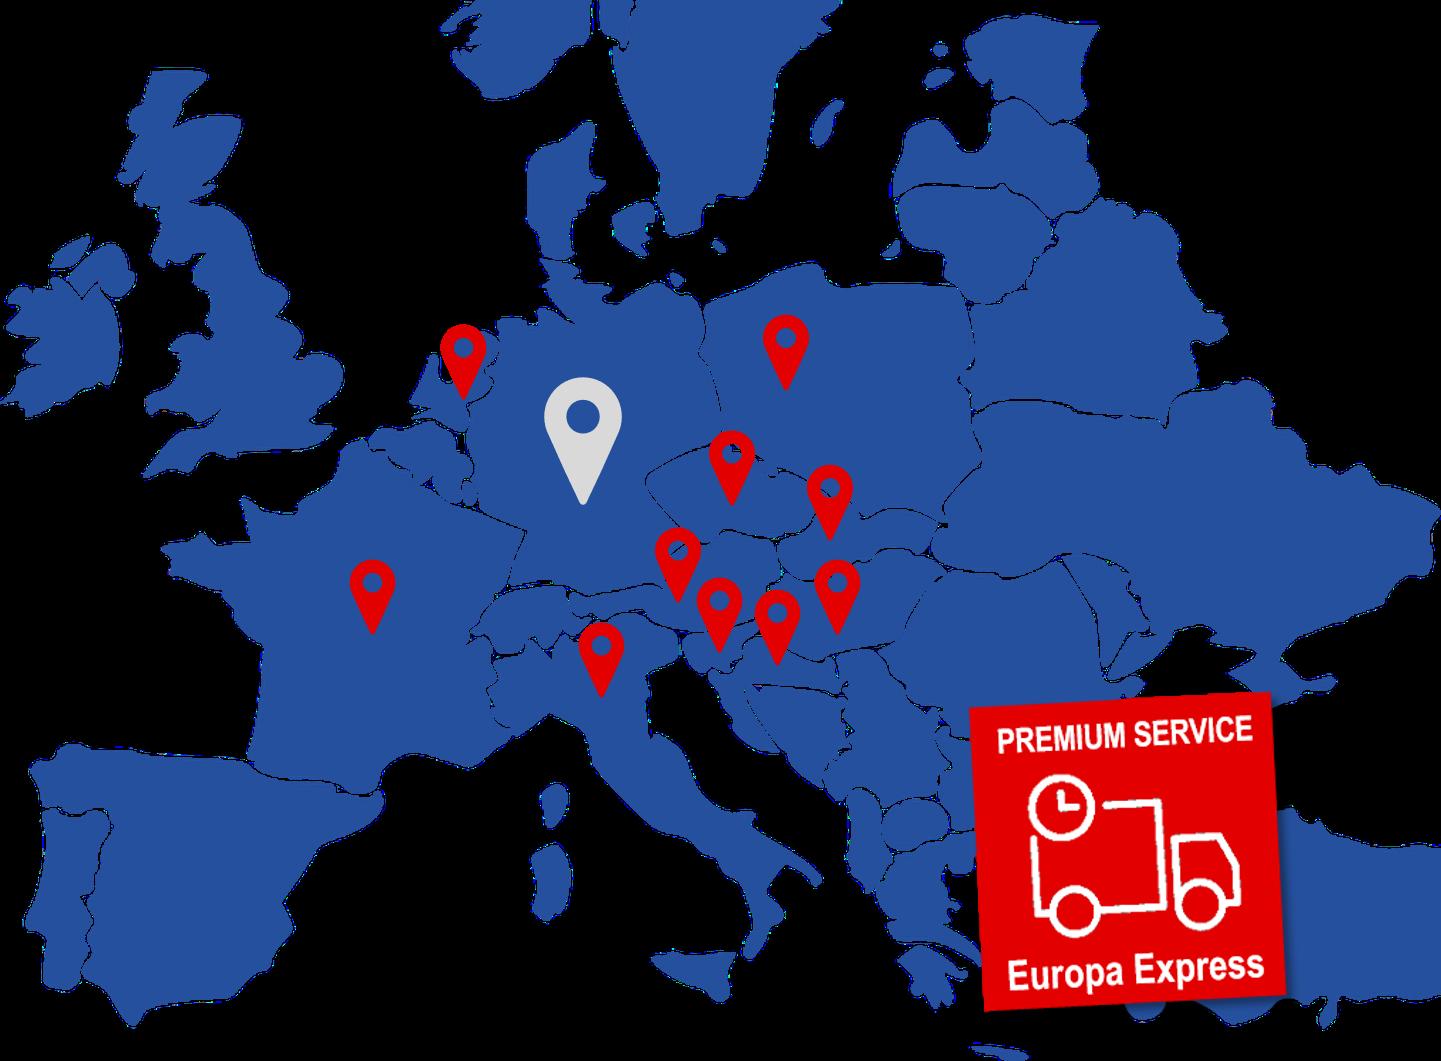 Europa Express - Ihre Alternative zur Sonderfahrt jetzt auch nach Polen und Niederlande